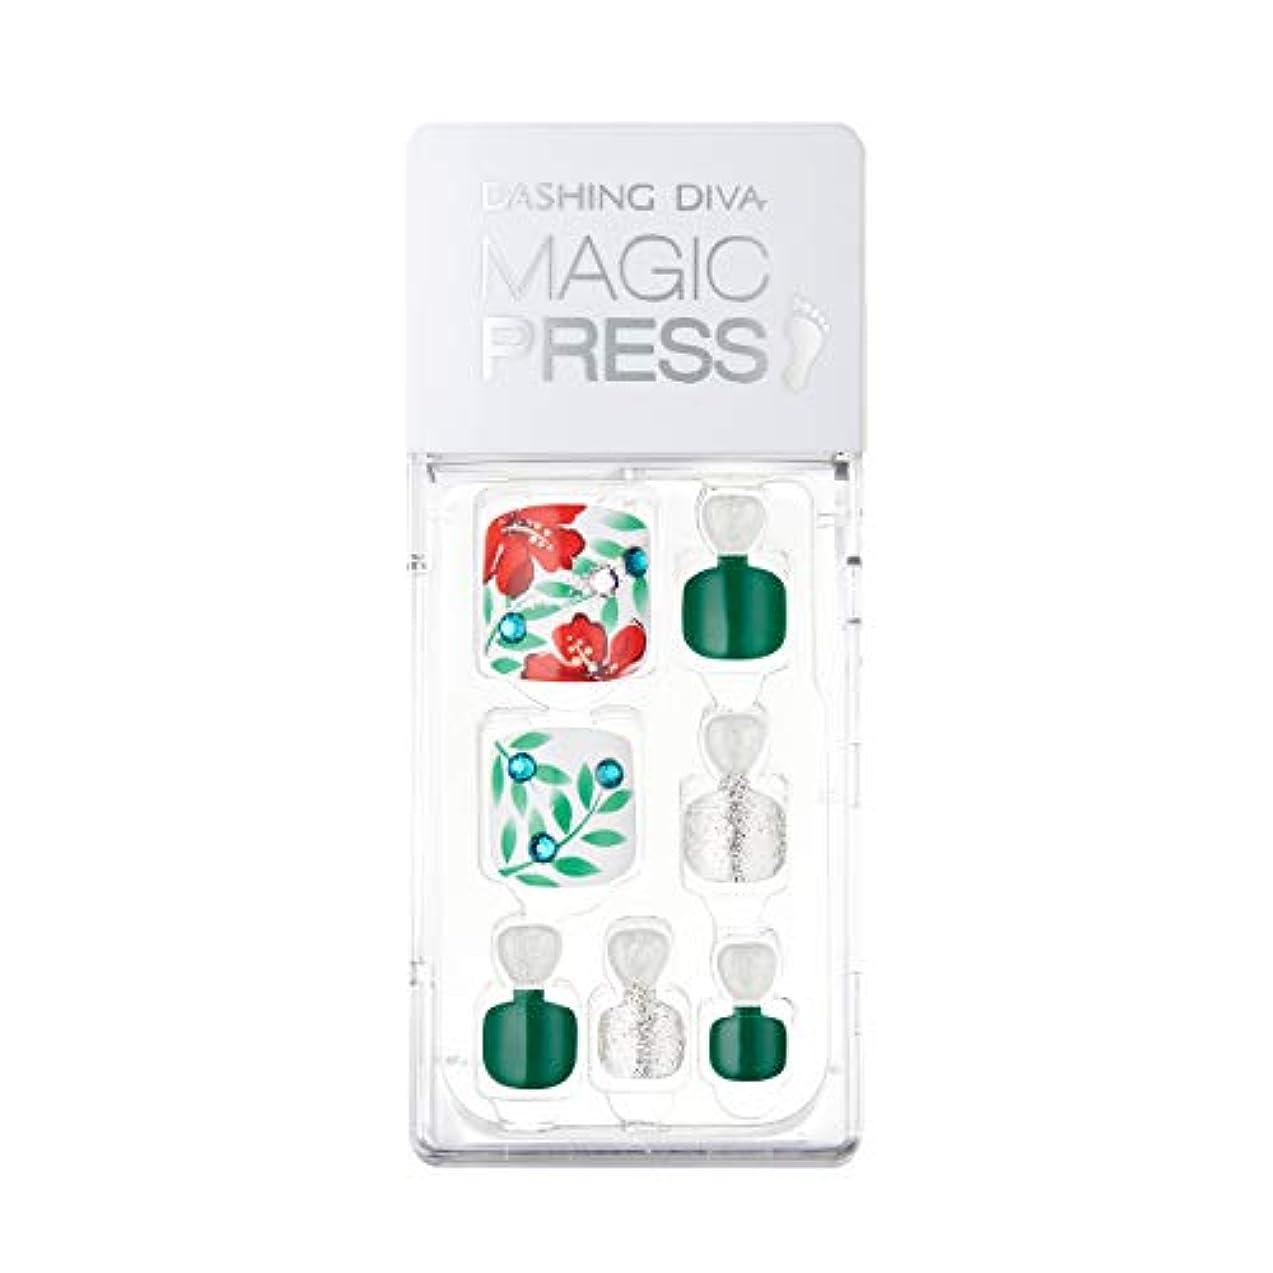 特権的好意ウェブダッシングディバ マジックプレス DASHING DIVA MagicPress MDR_377P-DURY+ オリジナルジェル ネイルチップ Maxi Dress